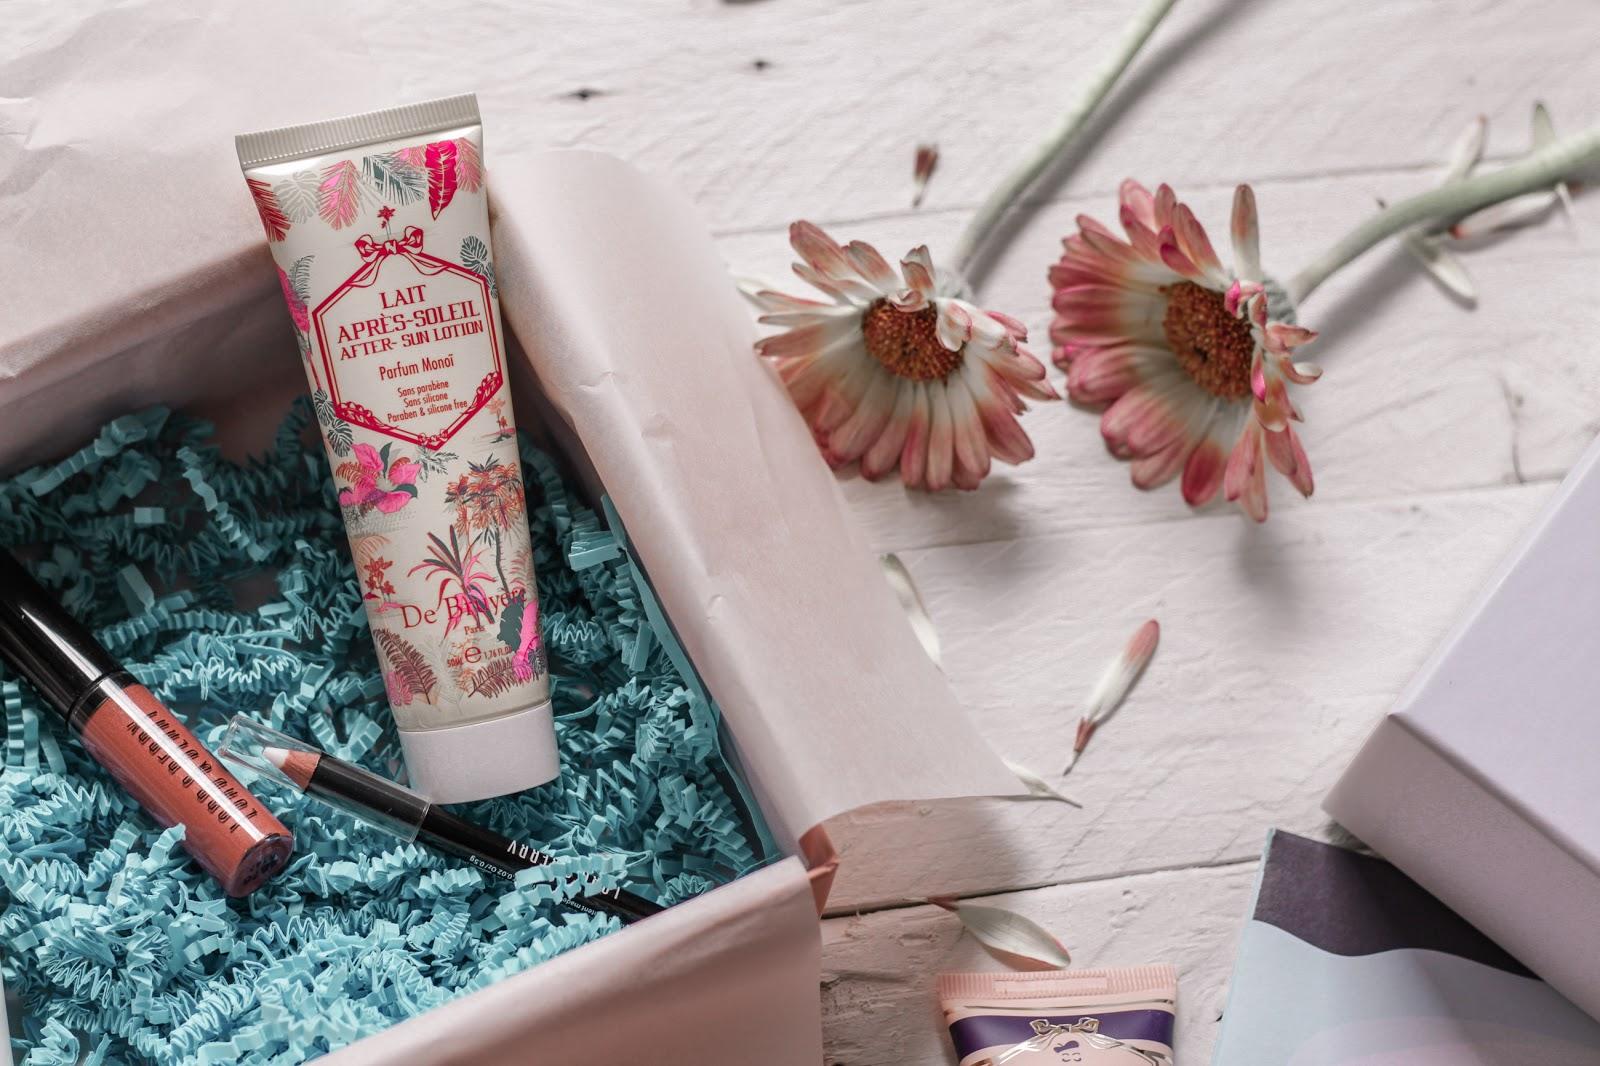 ABIBY: la beauty box ricca di PRODOTTI ad un prezzo piccolo piccolo